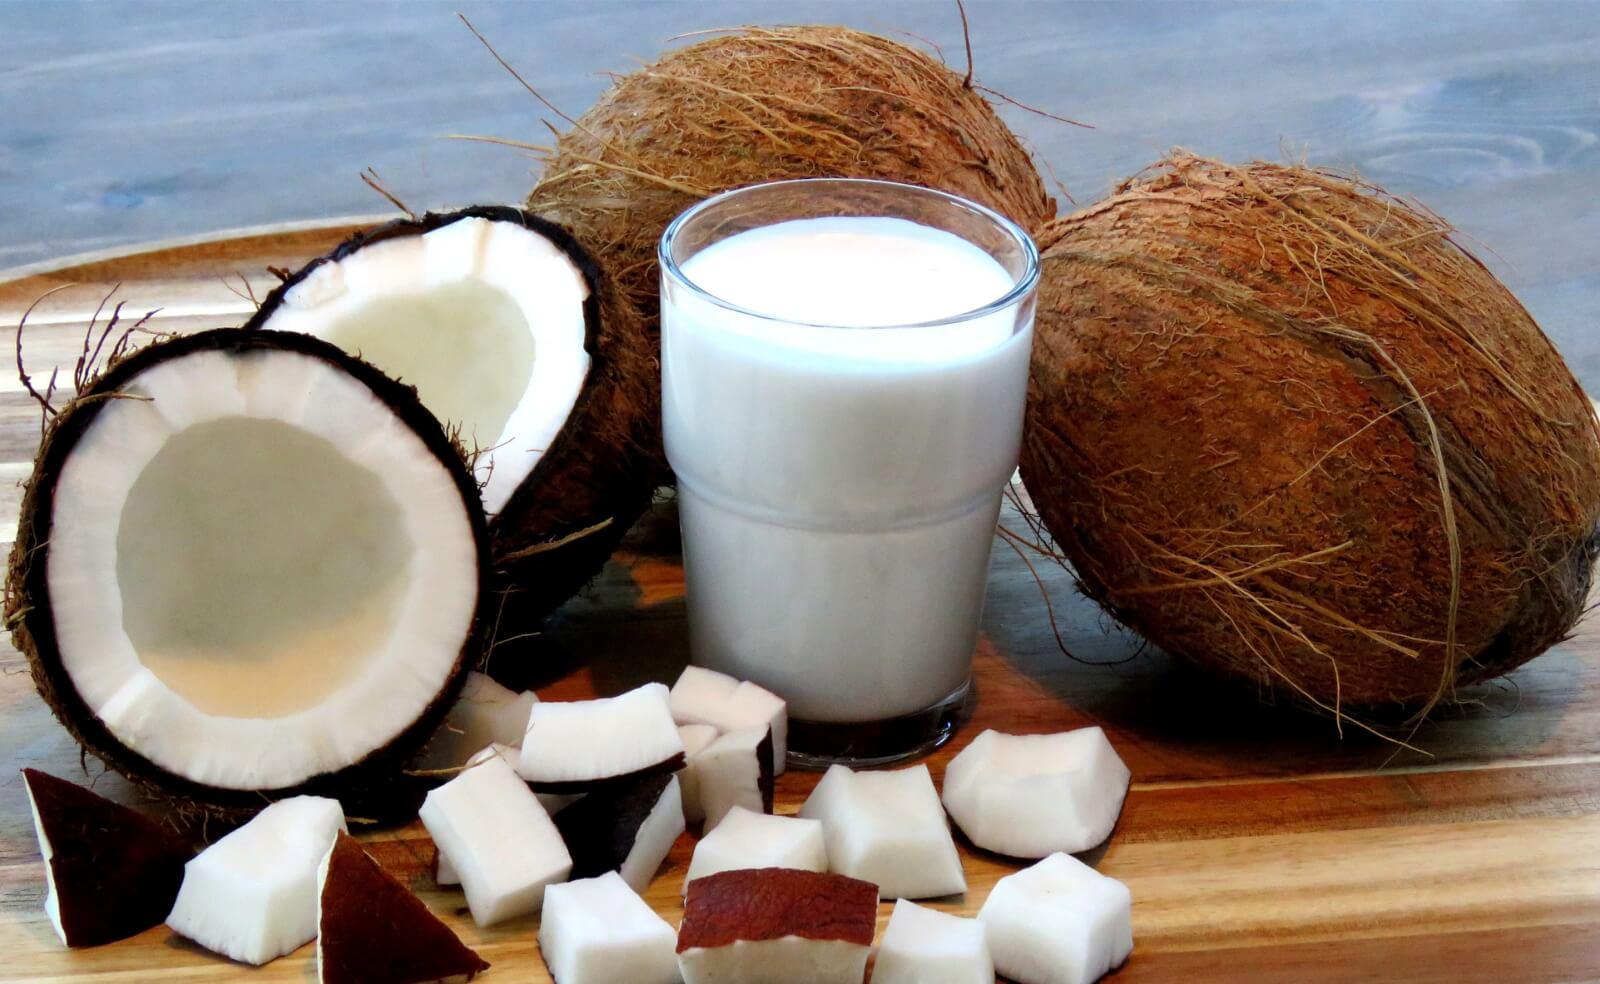 Кокосовое молоко калорийность, состав, свойства